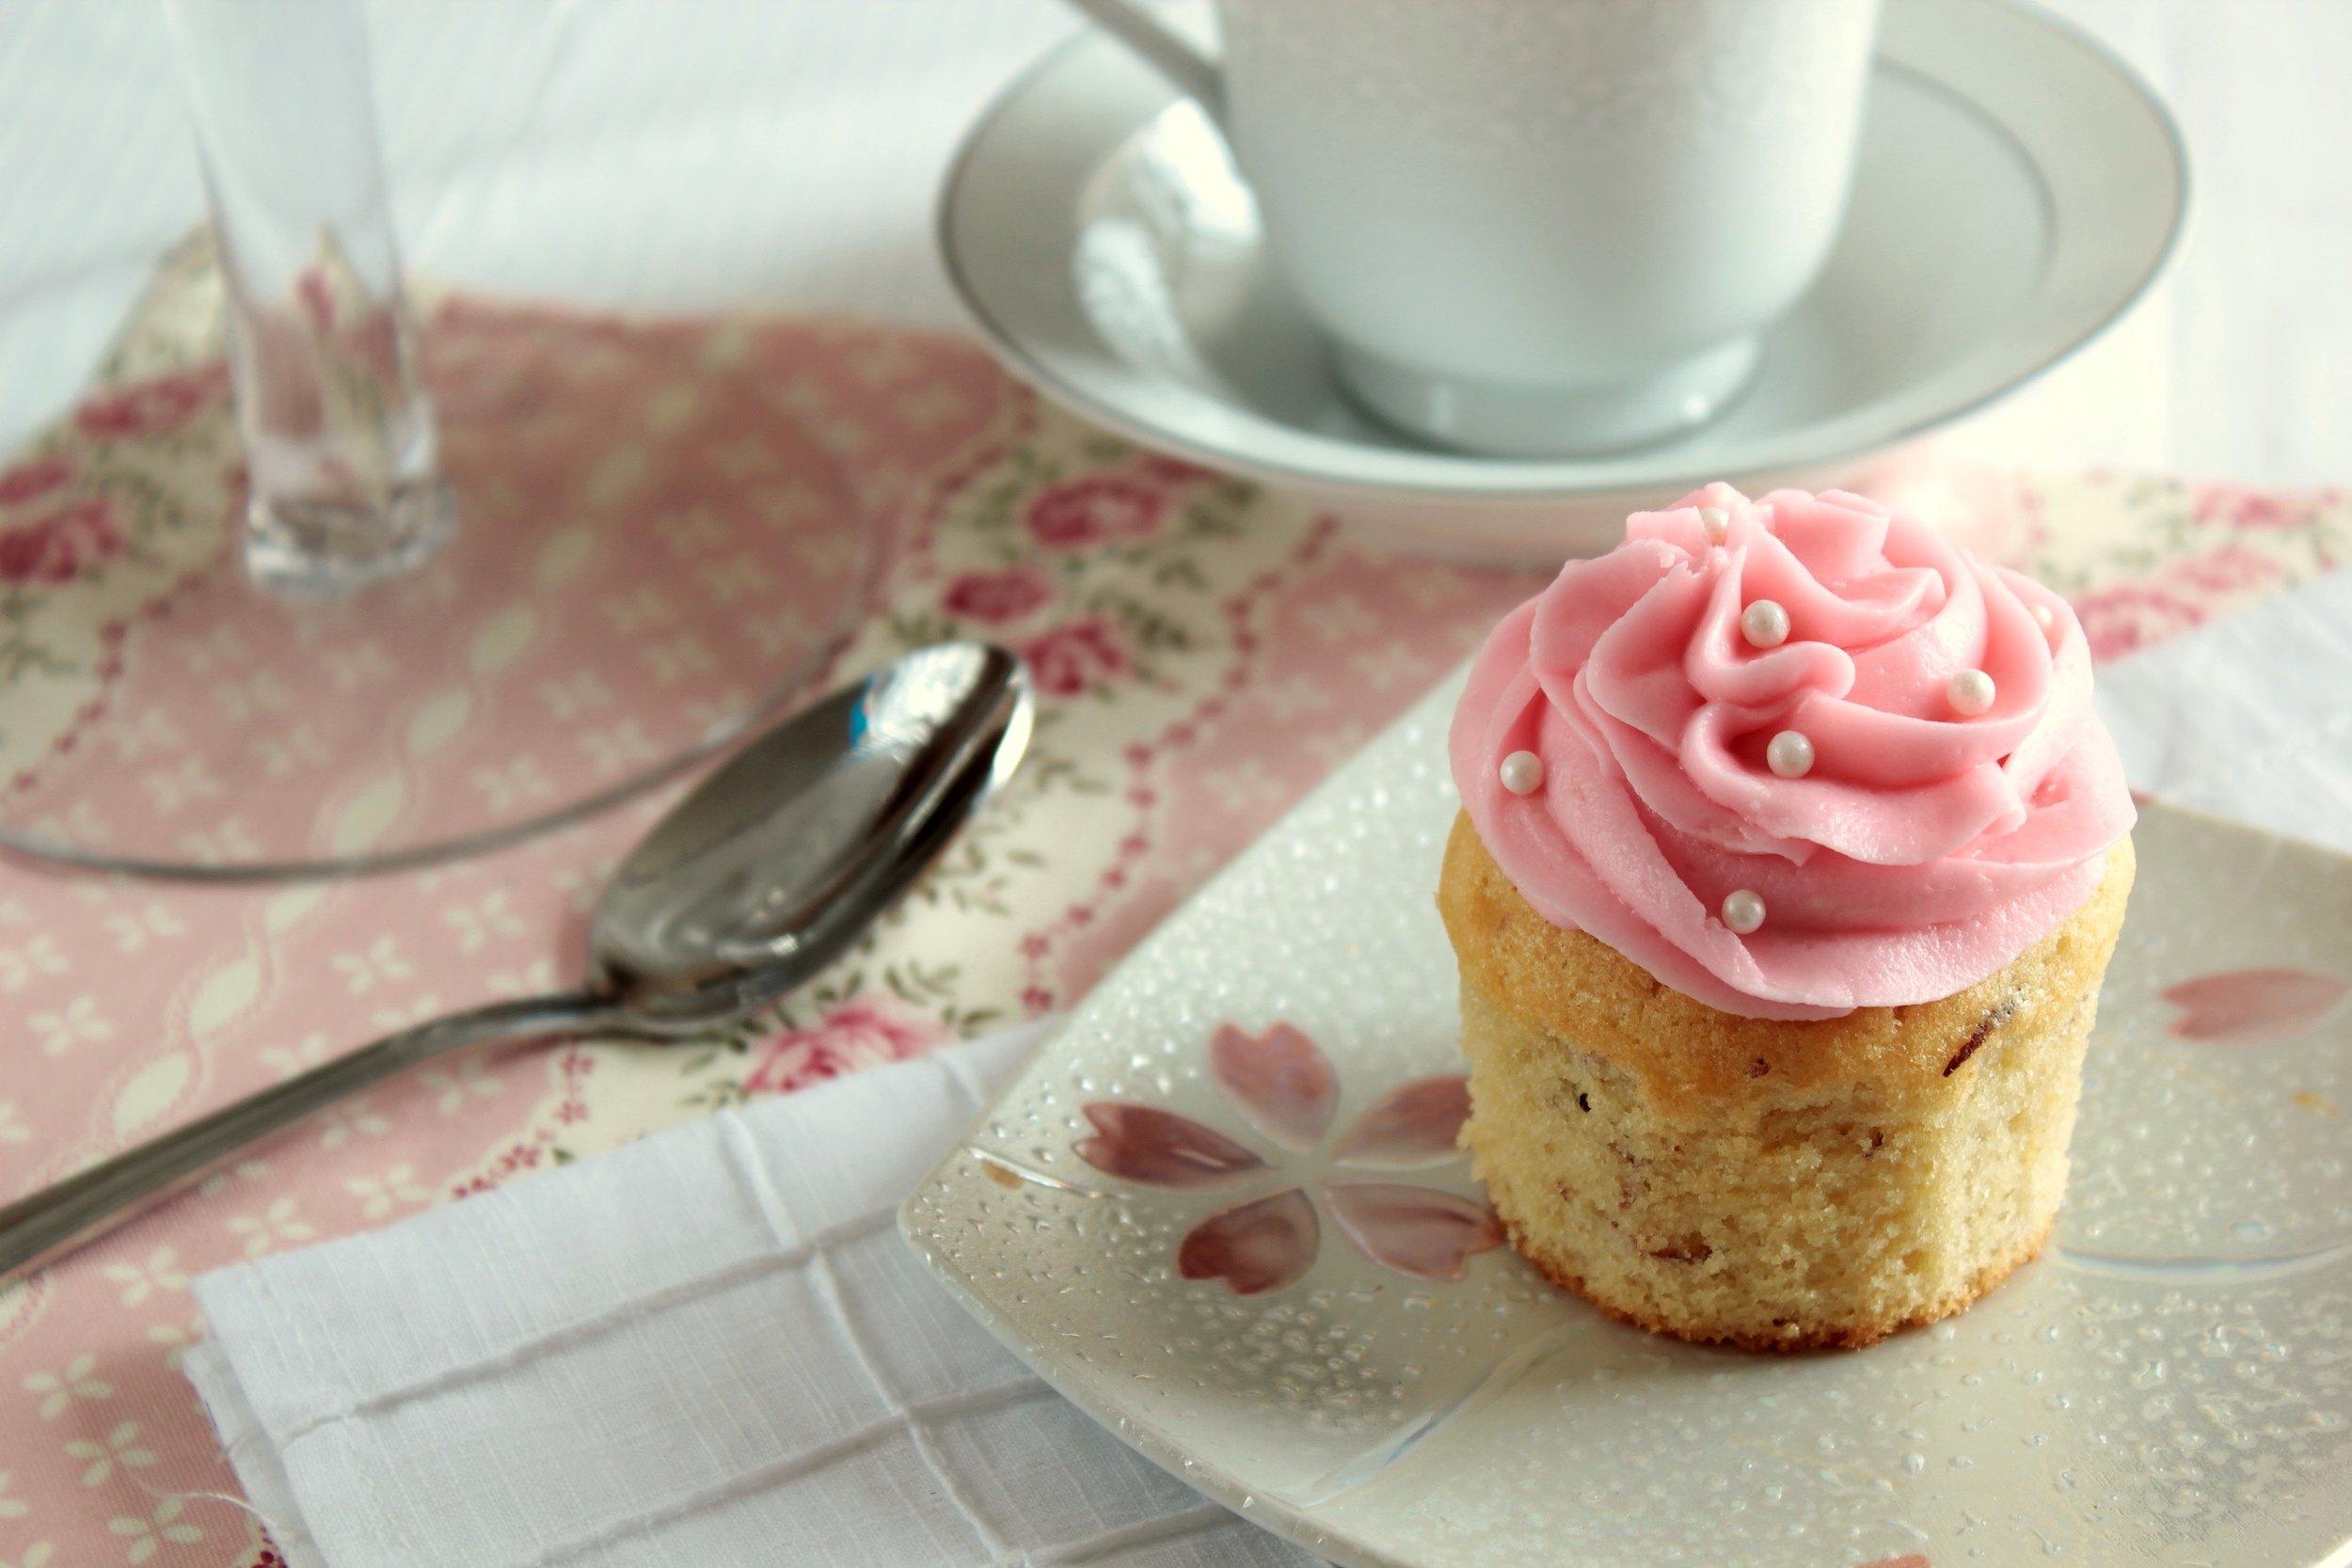 vanillaalmondcupcakes2.jpg